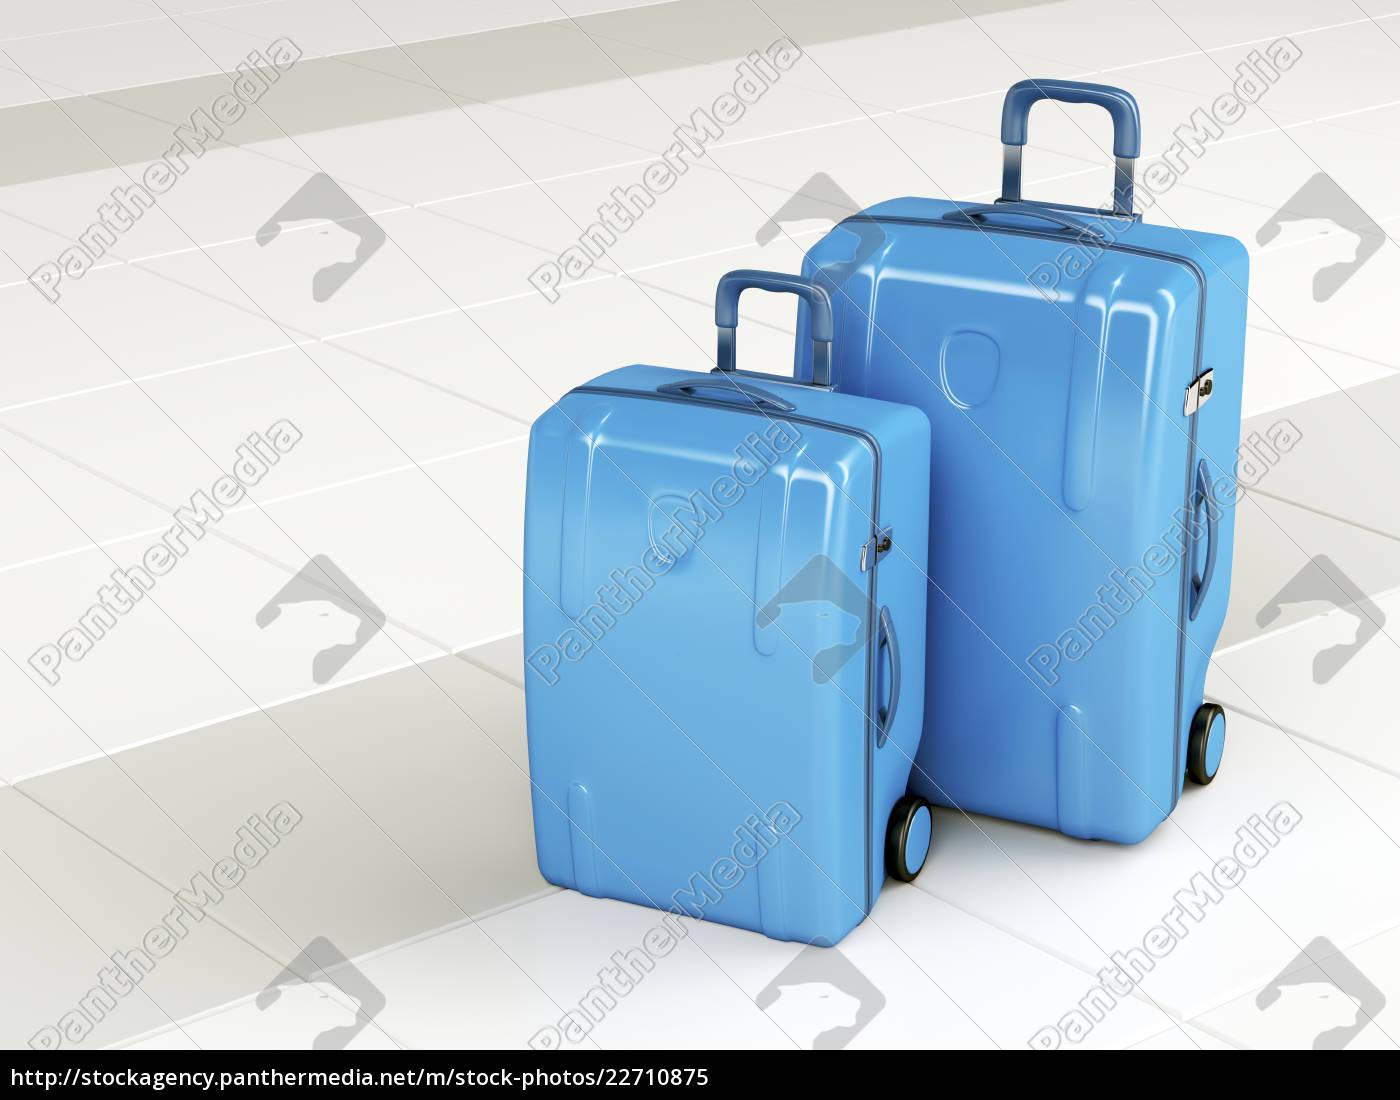 bolsas, de, viaje, azules - 22710875